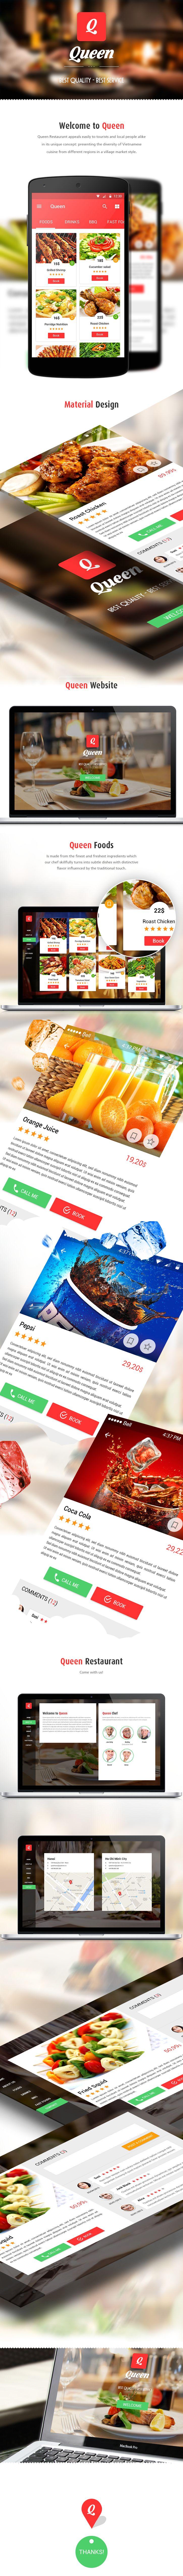 Queen Restaurant Website - Material Google App on Behance